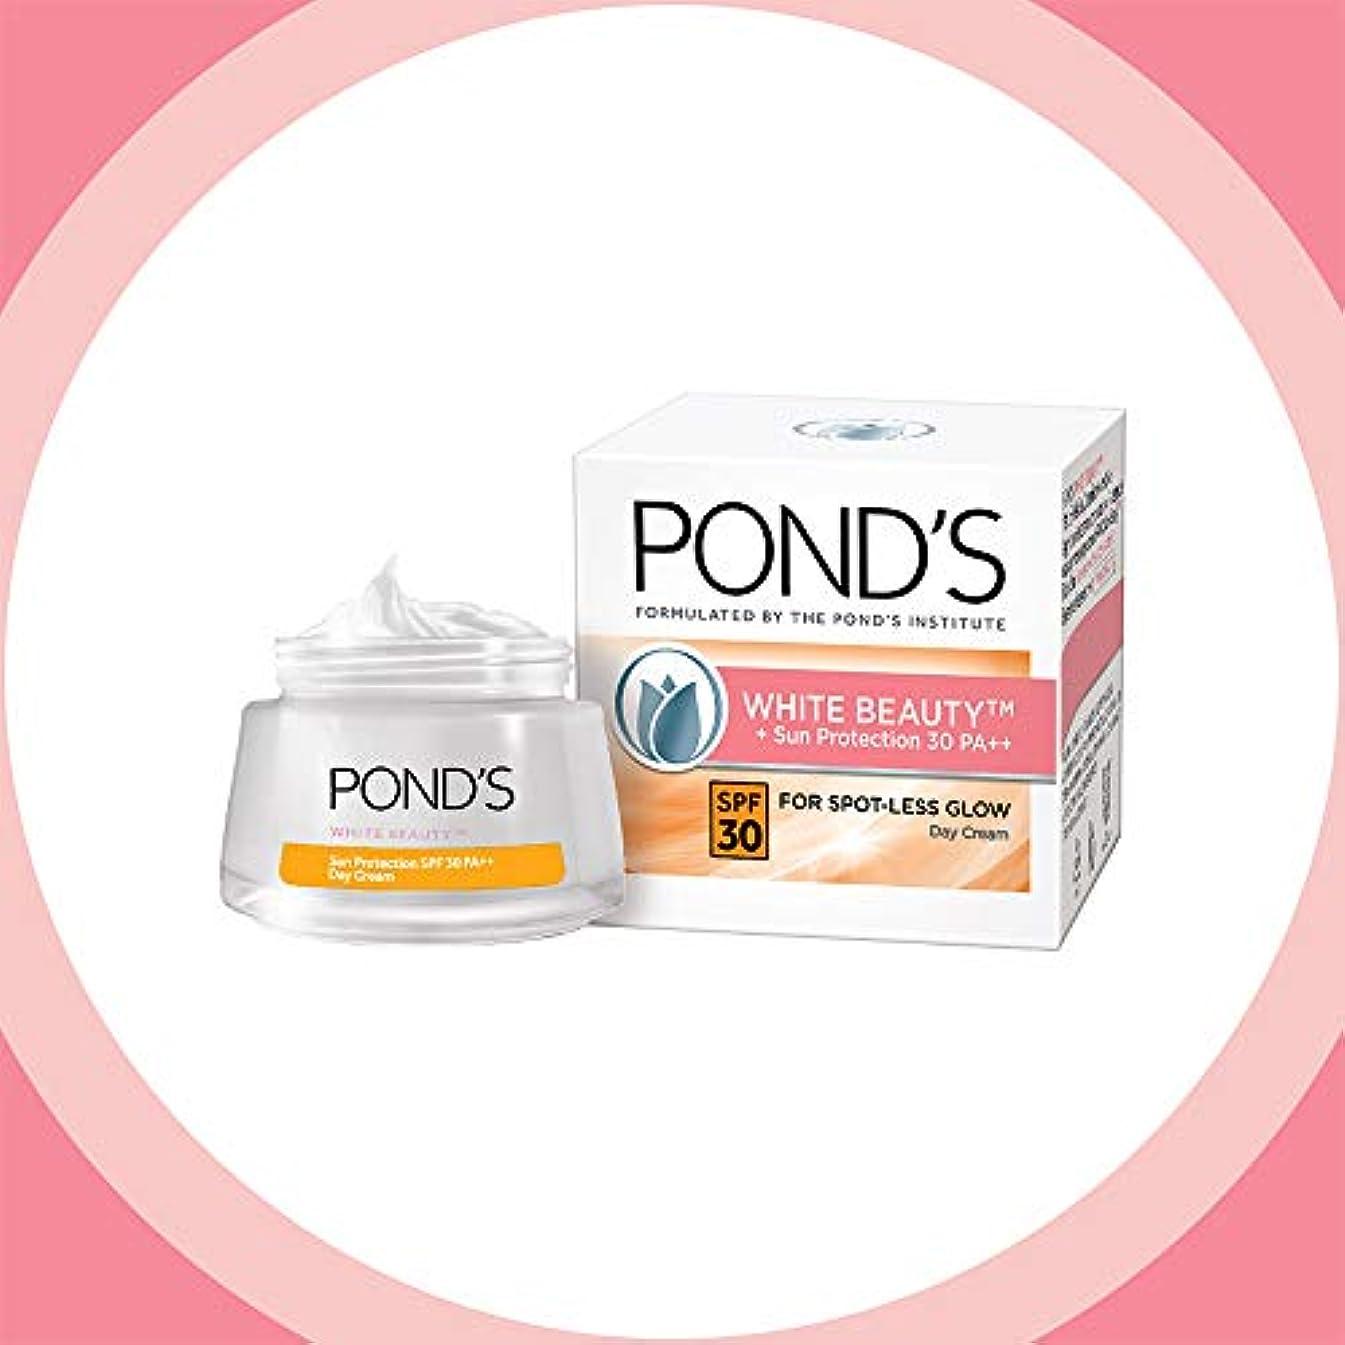 悲しいことにチューブ異常POND'S White Beauty Sun Protection SPF 30 Day Cream, 50 g